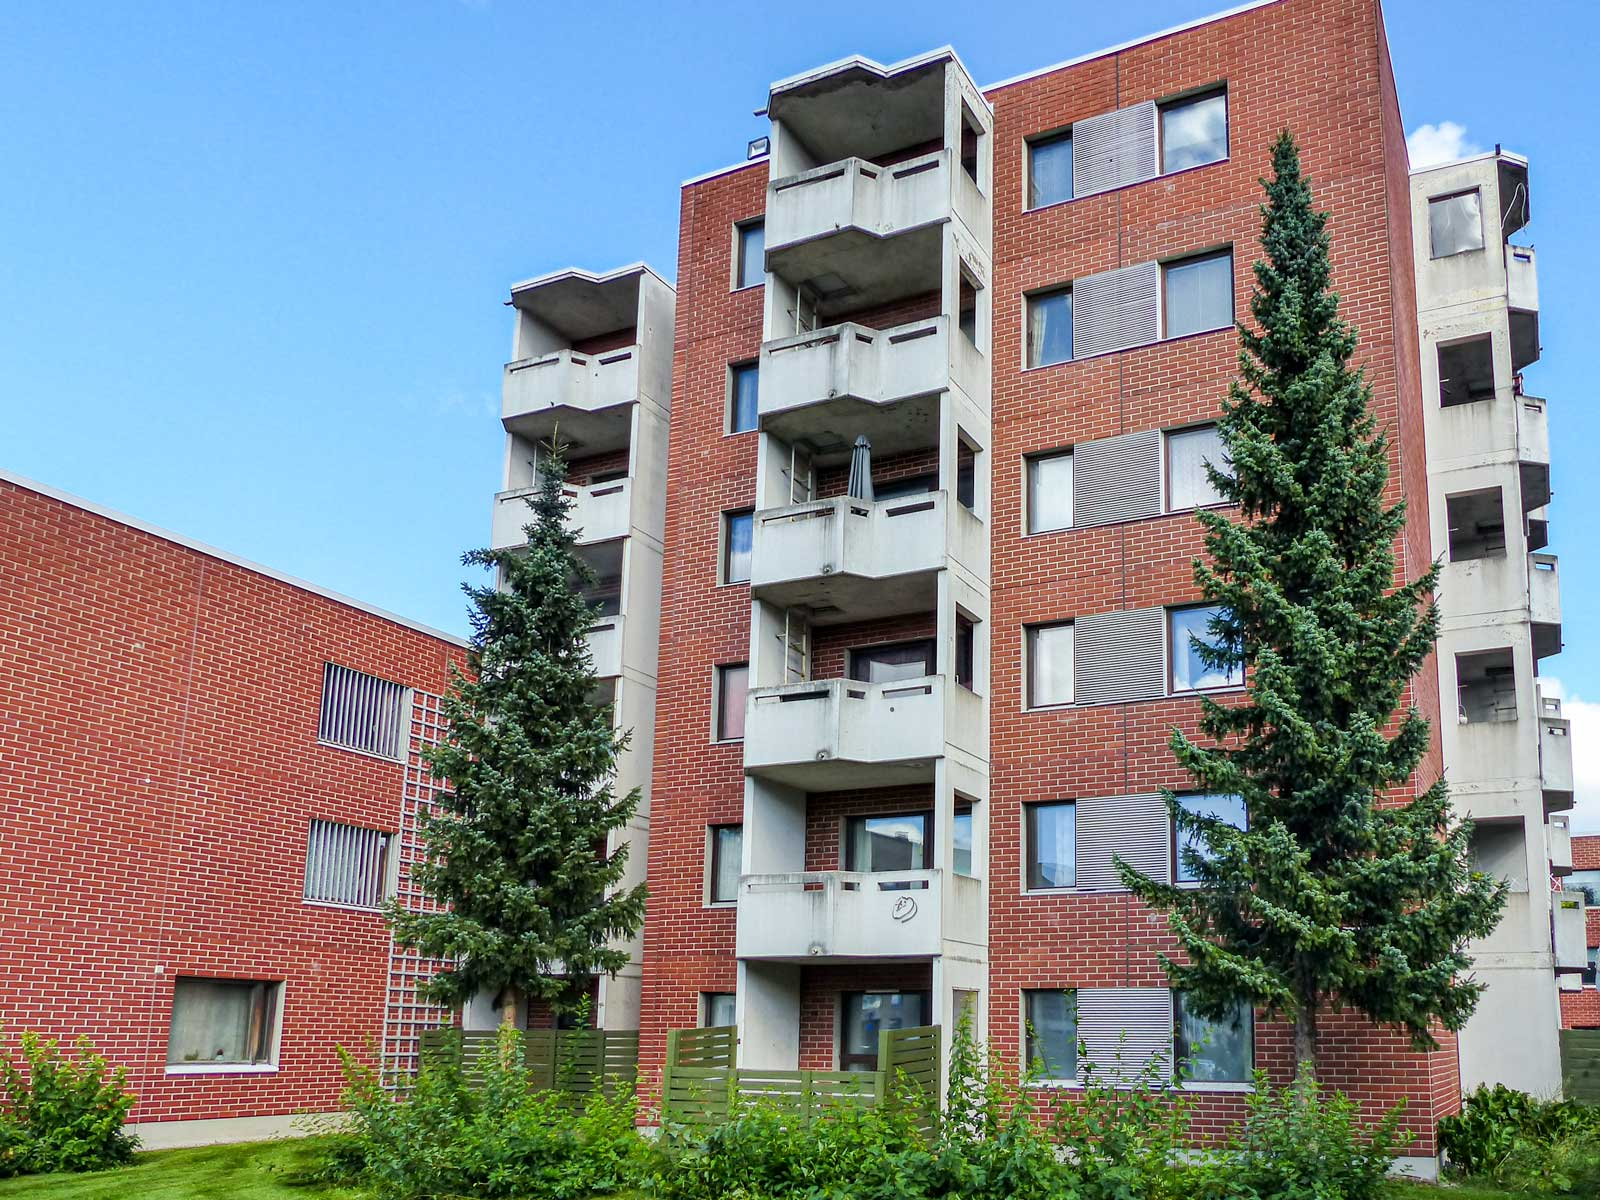 Linnunradankatu 27, Riihimäki